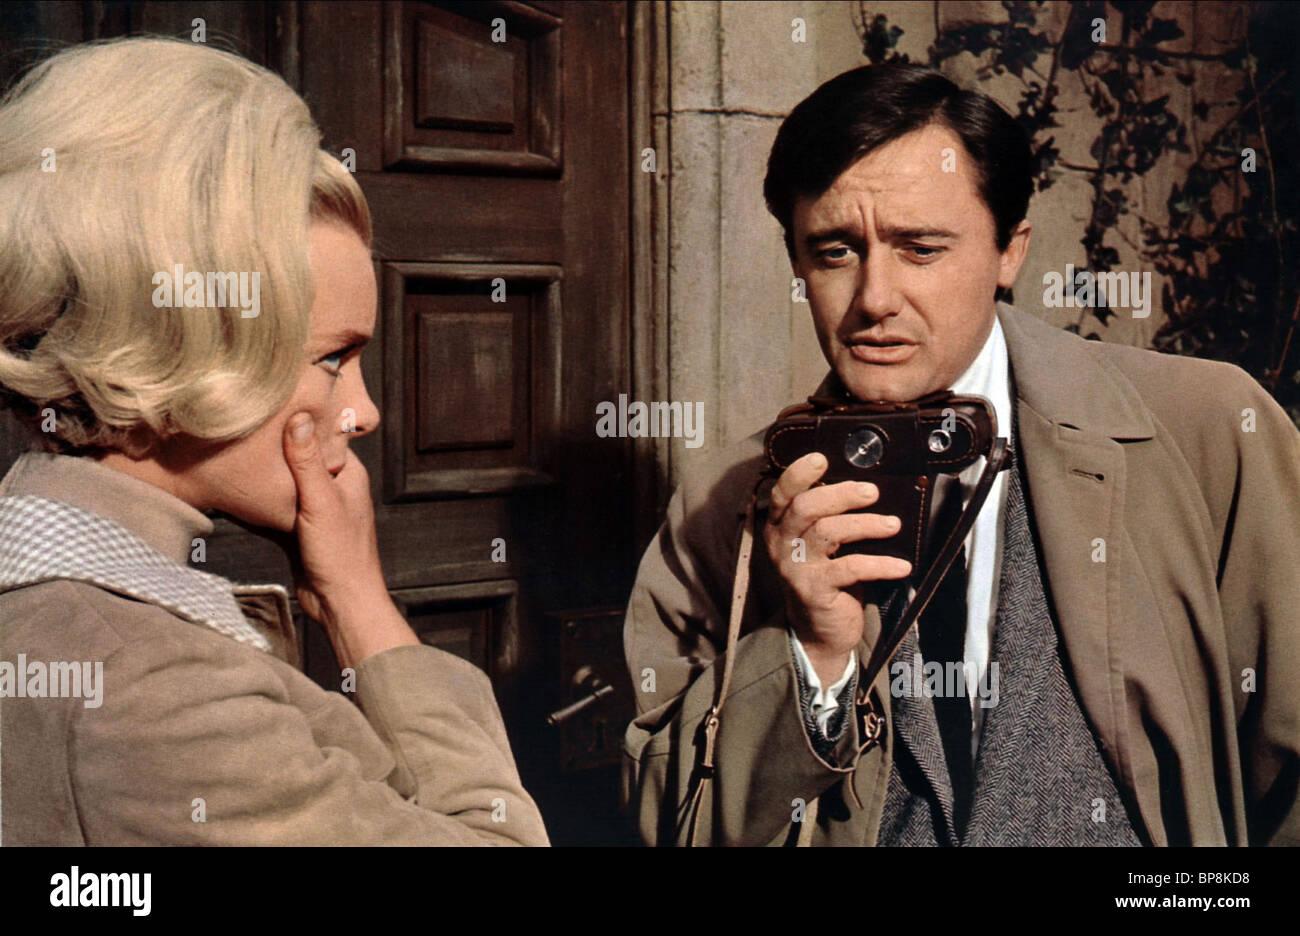 ELKE SOMMER, ROBERT VAUGHN, THE VENETIAN AFFAIR, 1966 - Stock Image